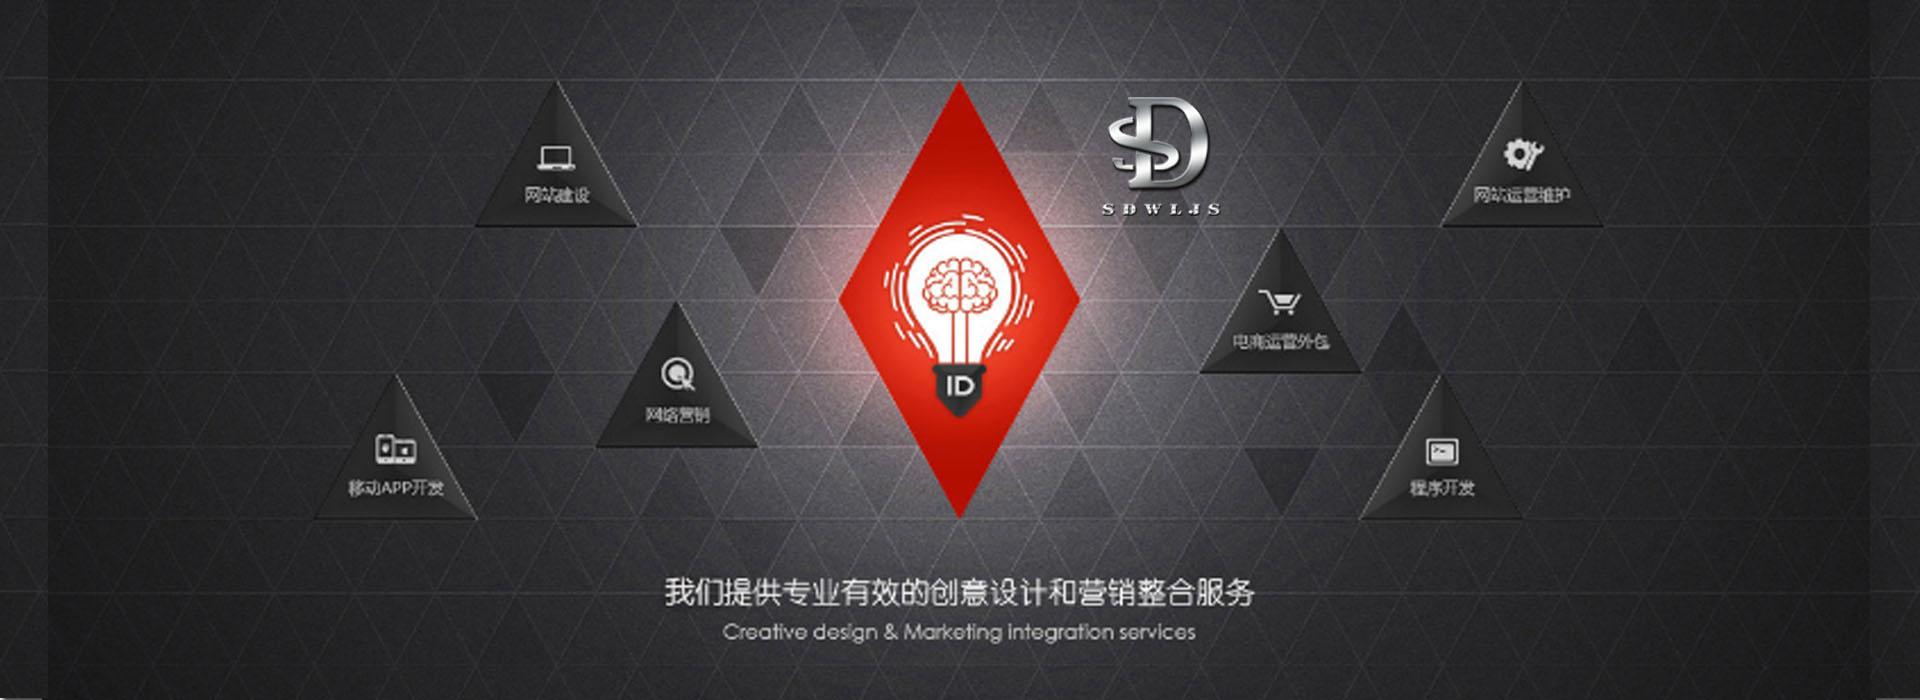 广州闪迪网络科技有限公司